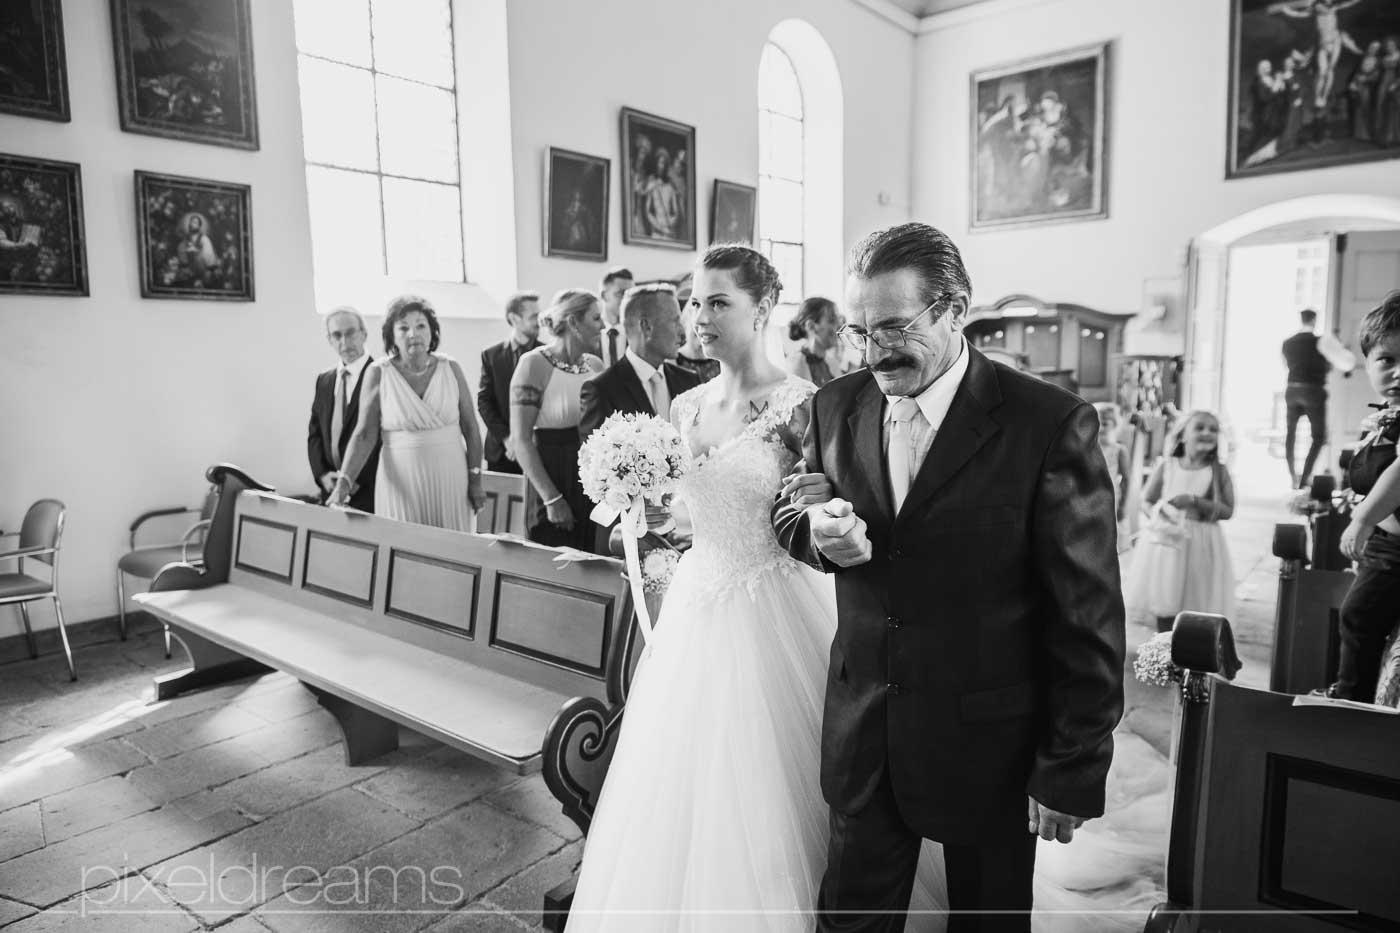 Brautvater führt die Braut zum Altar. Hochzeit in der Petersberg-Kapelle. Am Altar.